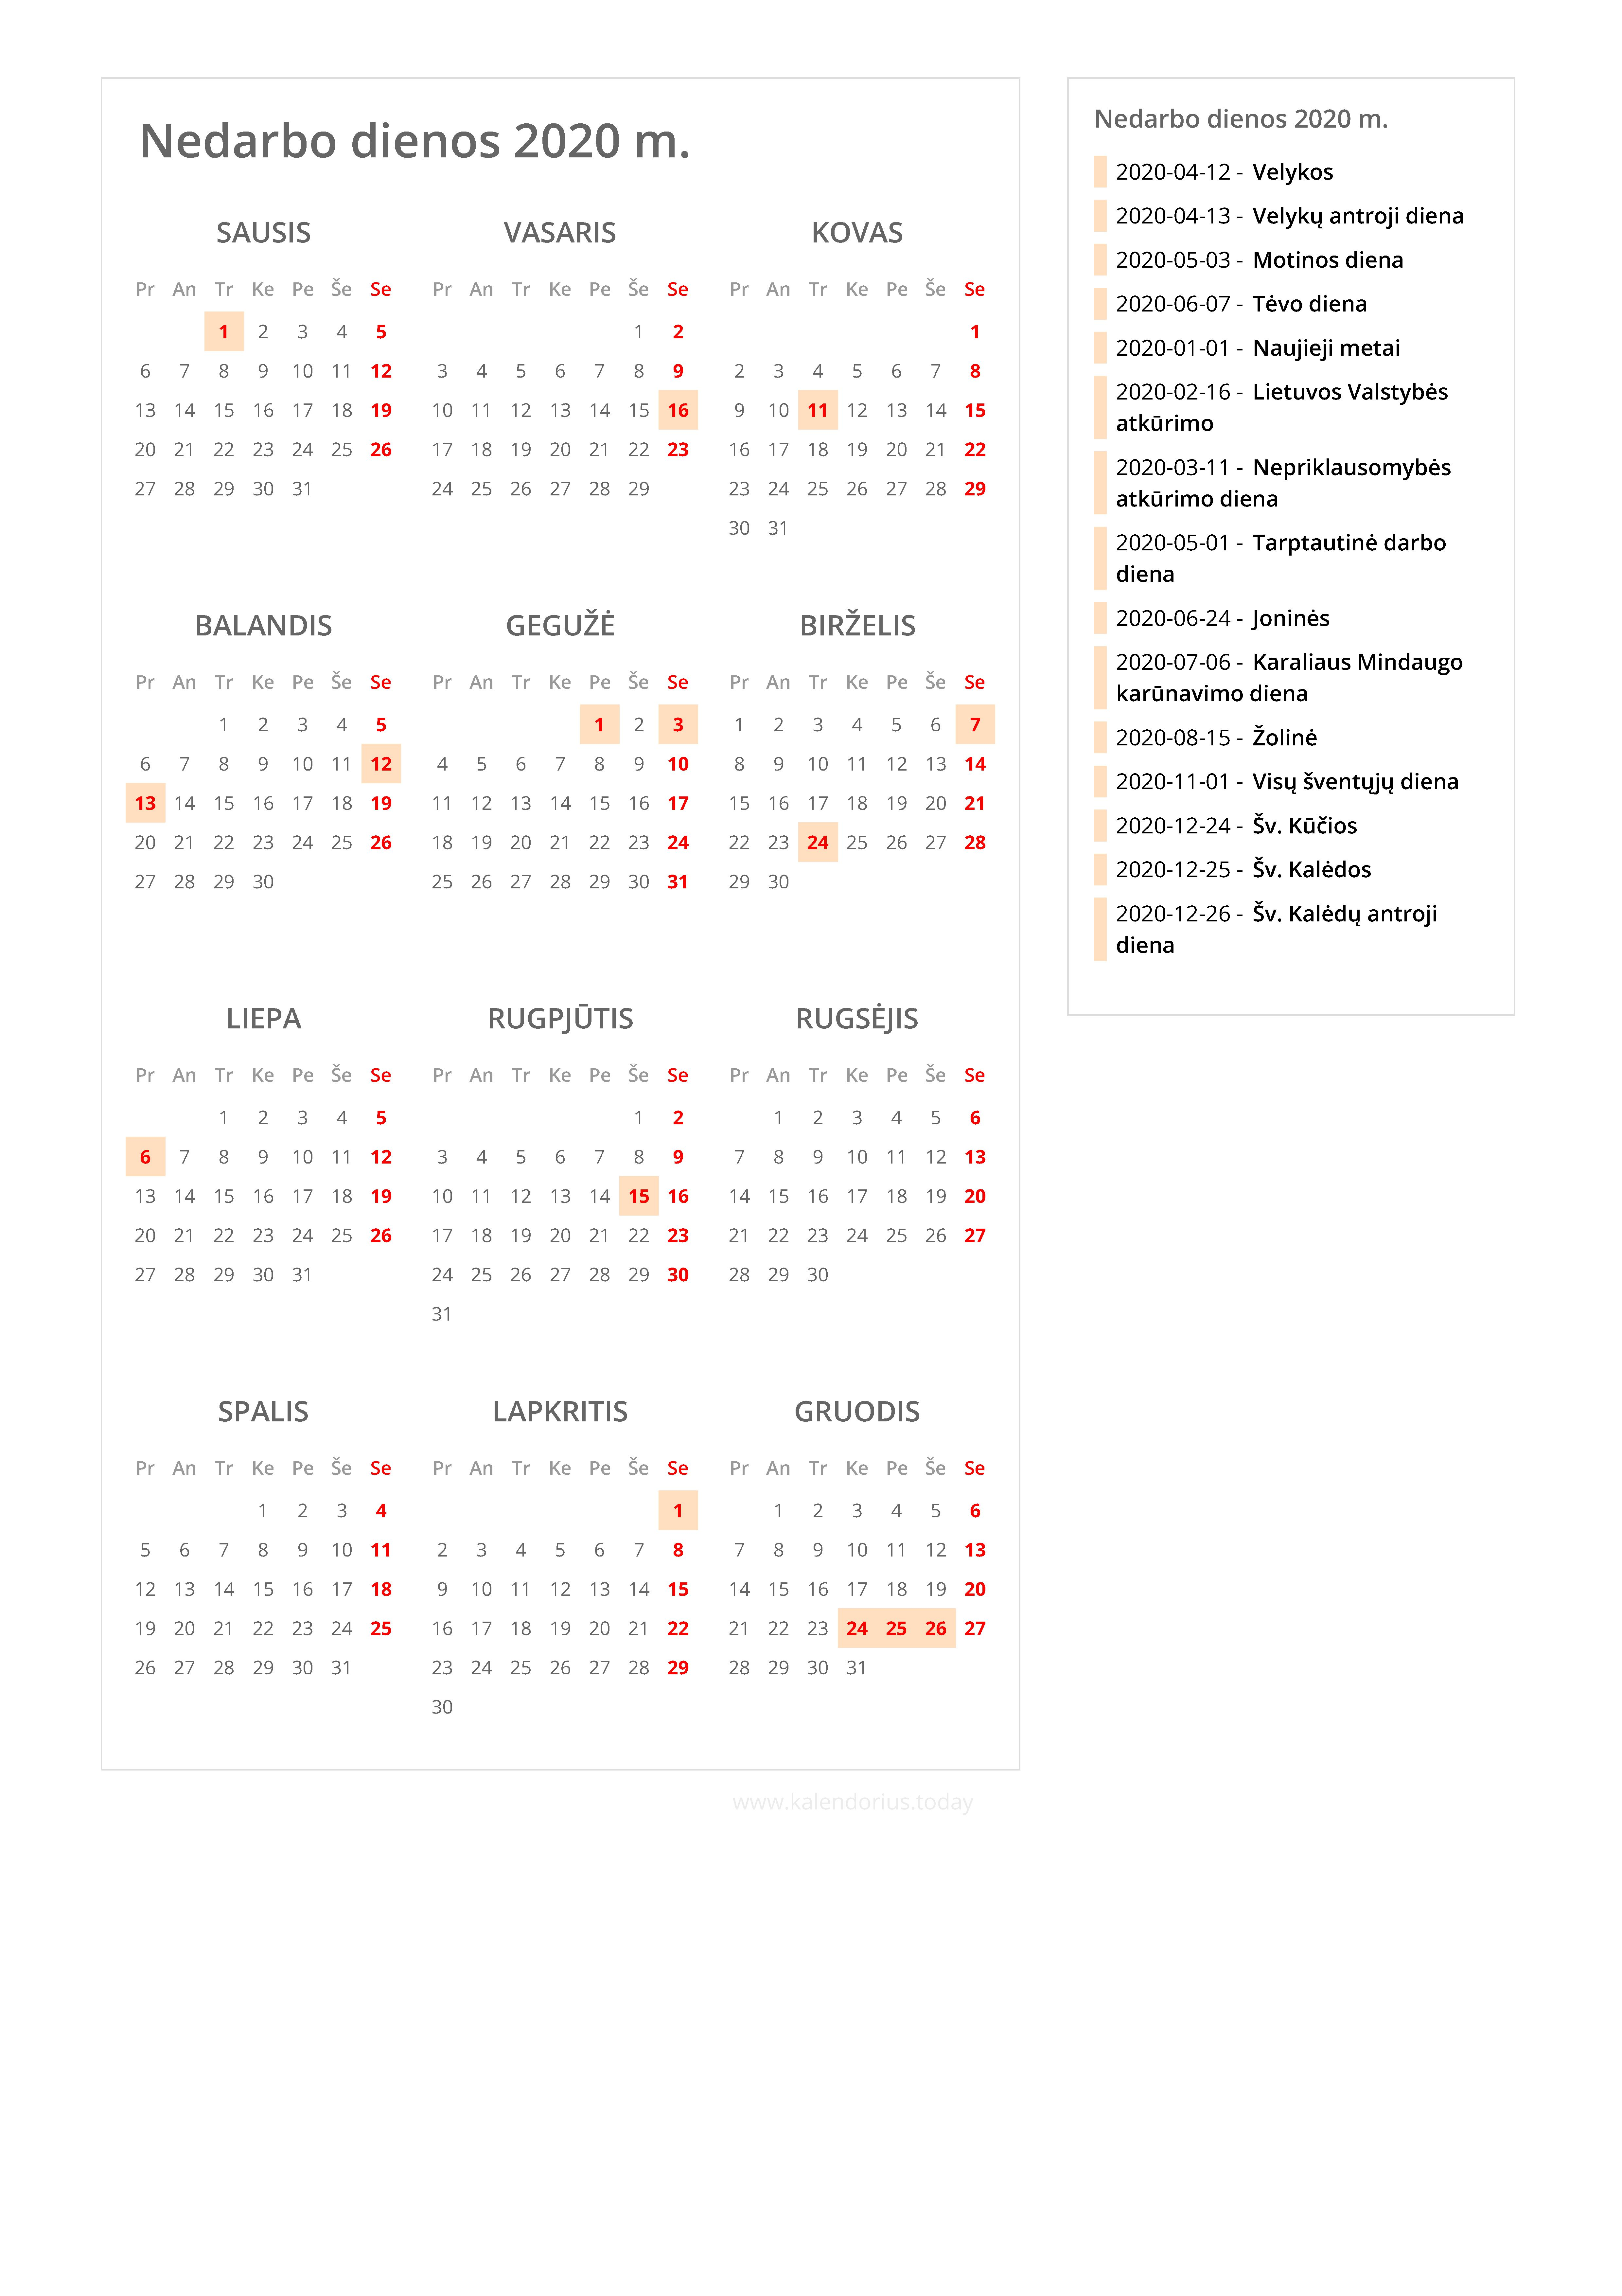 2020 Kalendorius.Nedarbo Dienos 2020 M Nedarbo Dienų Kalendorius